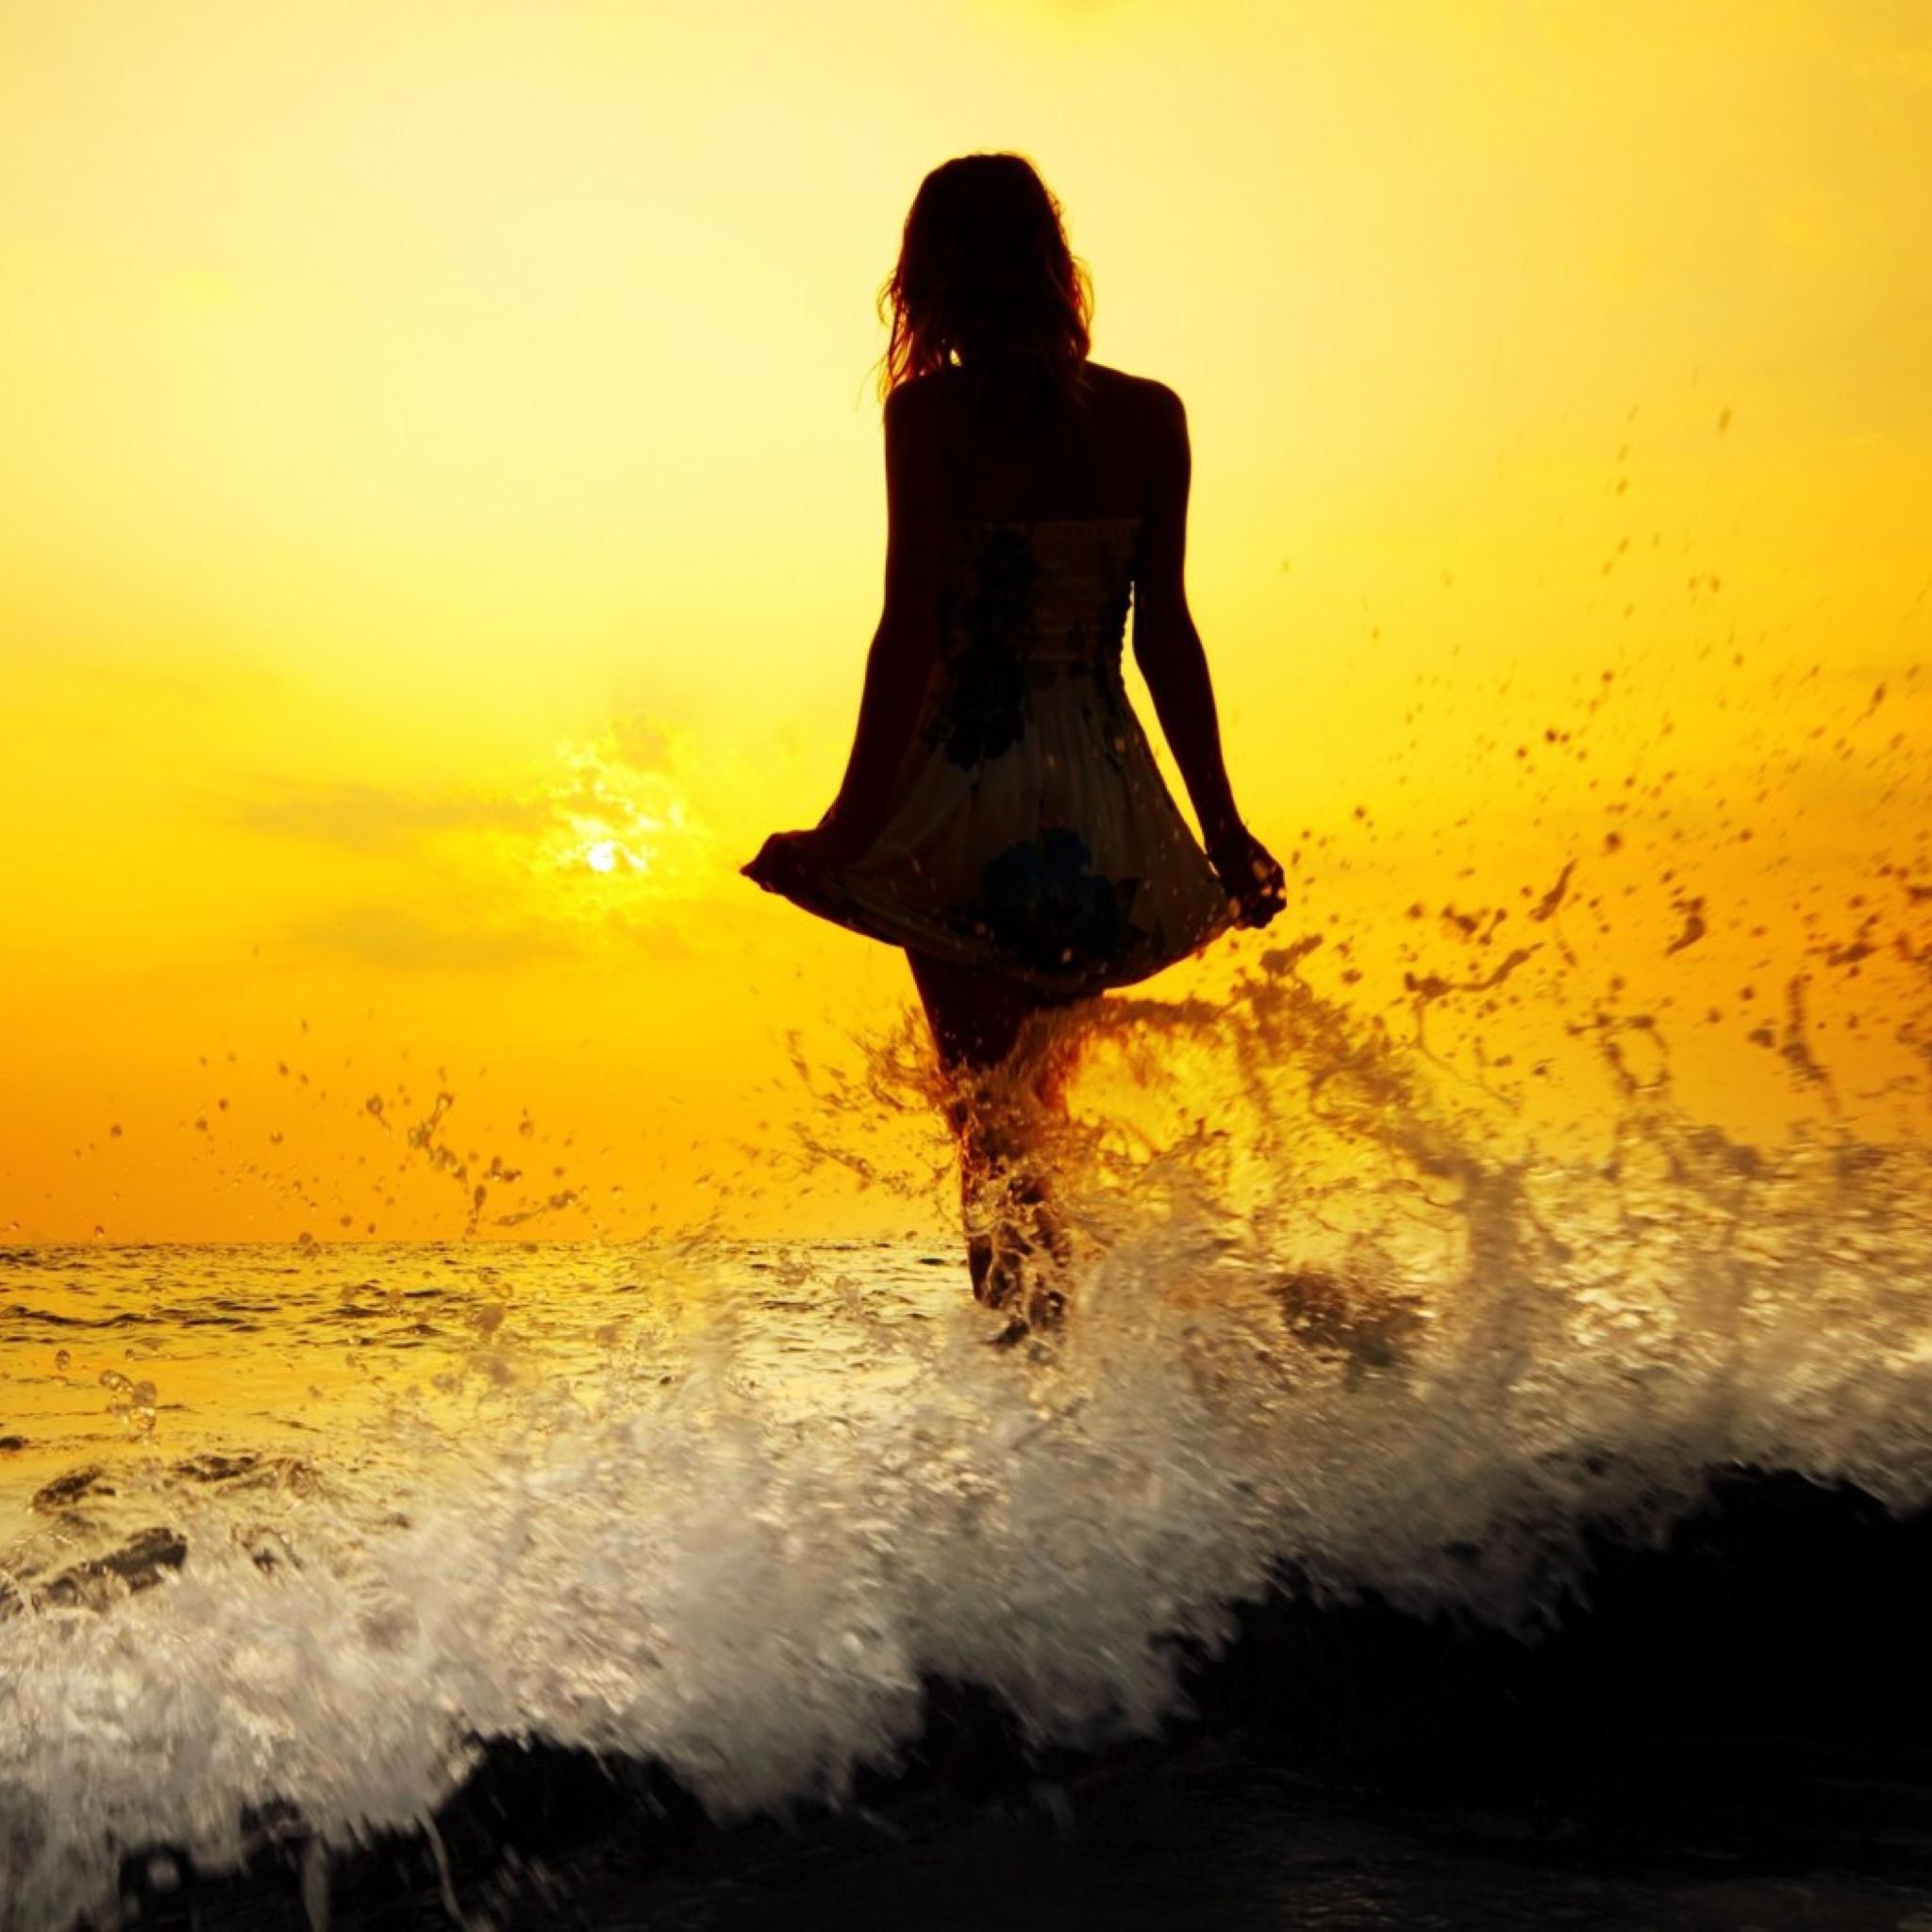 наслаждение под солнцем бесплатно